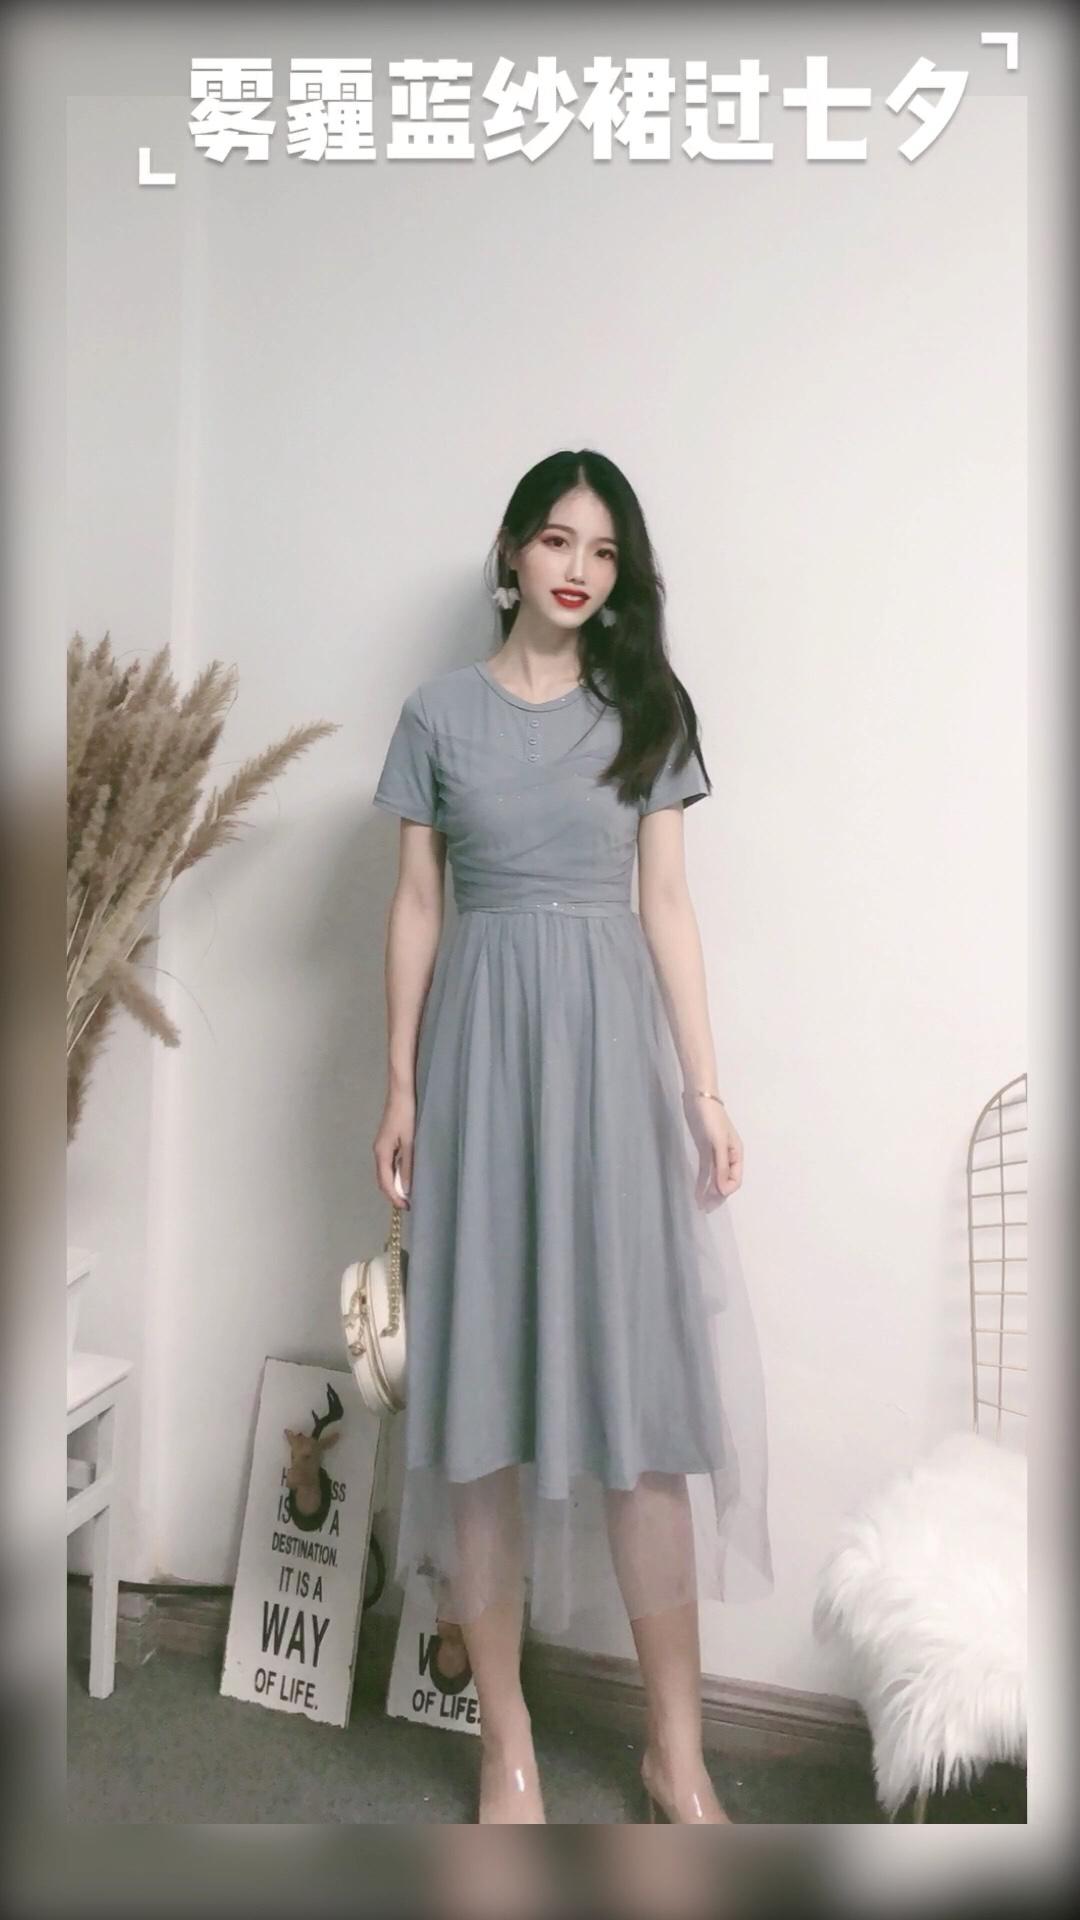 #情人节逆袭大变身!秒脱单!#  很仙的一条连衣裙 款式简约大方 上身还蛮显高的